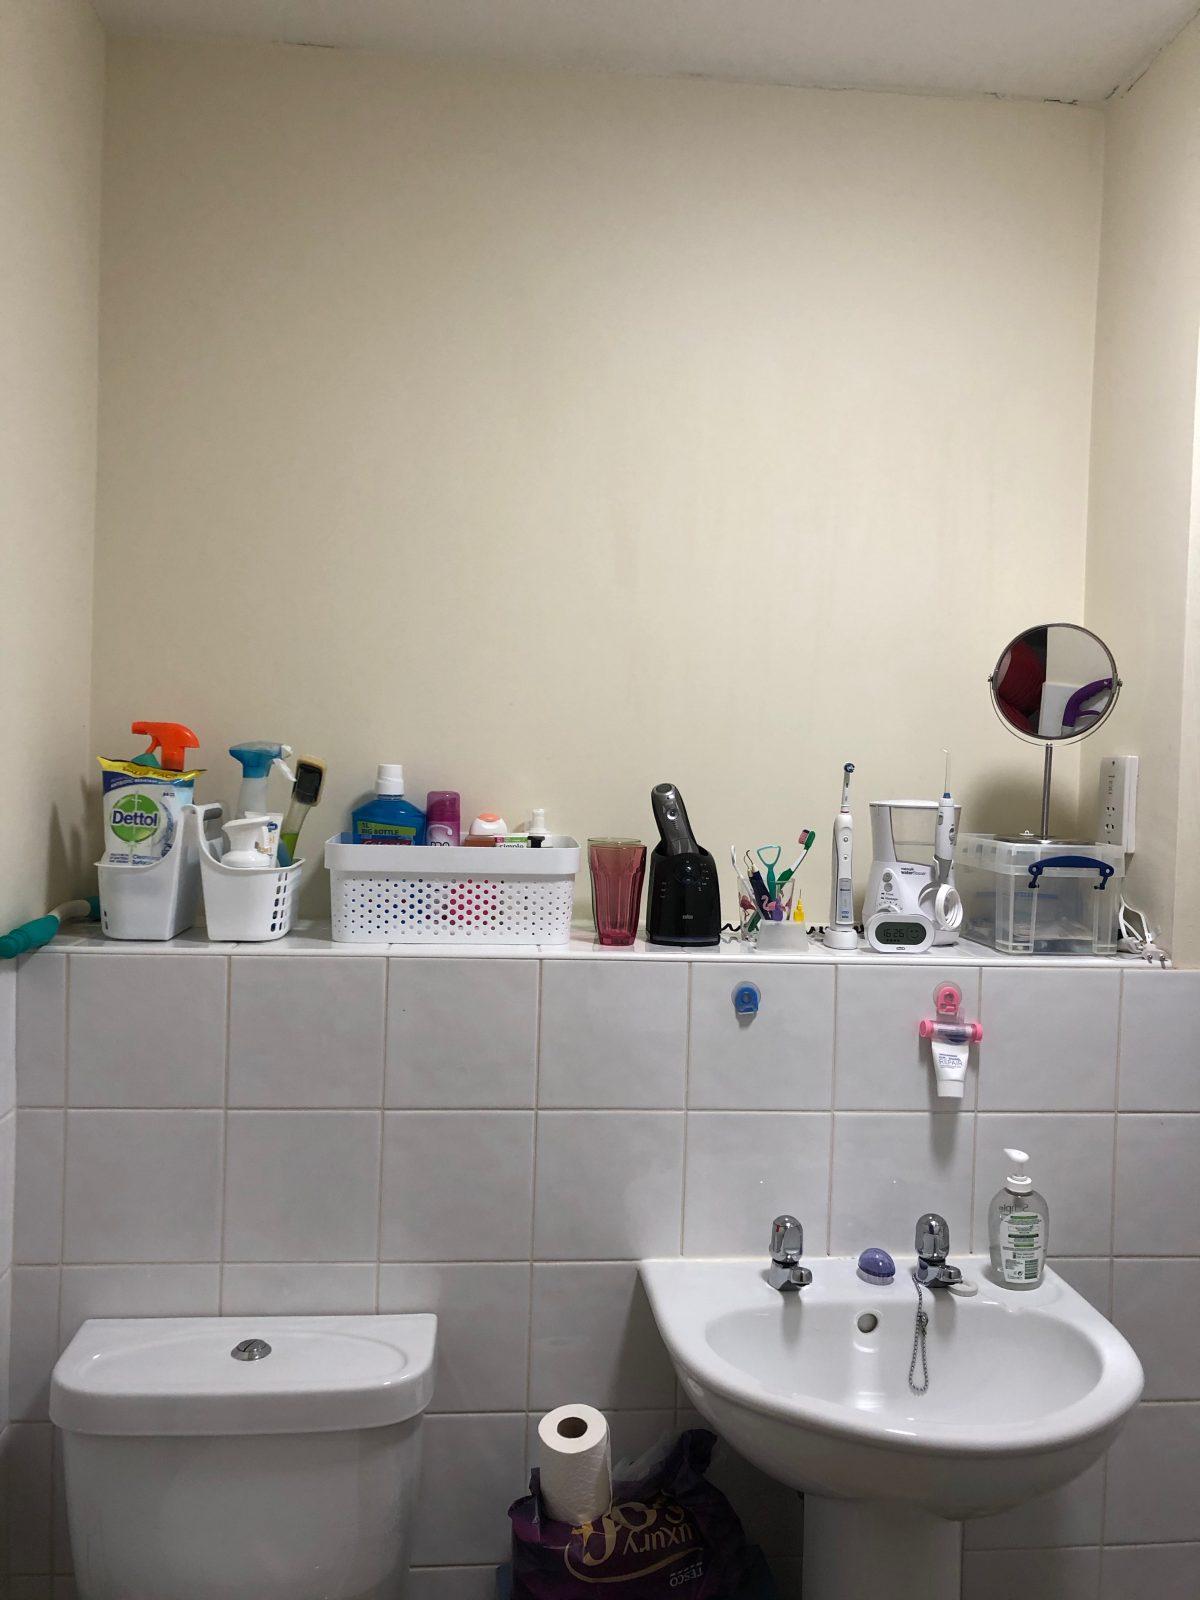 A Clean organised bathroom shelf